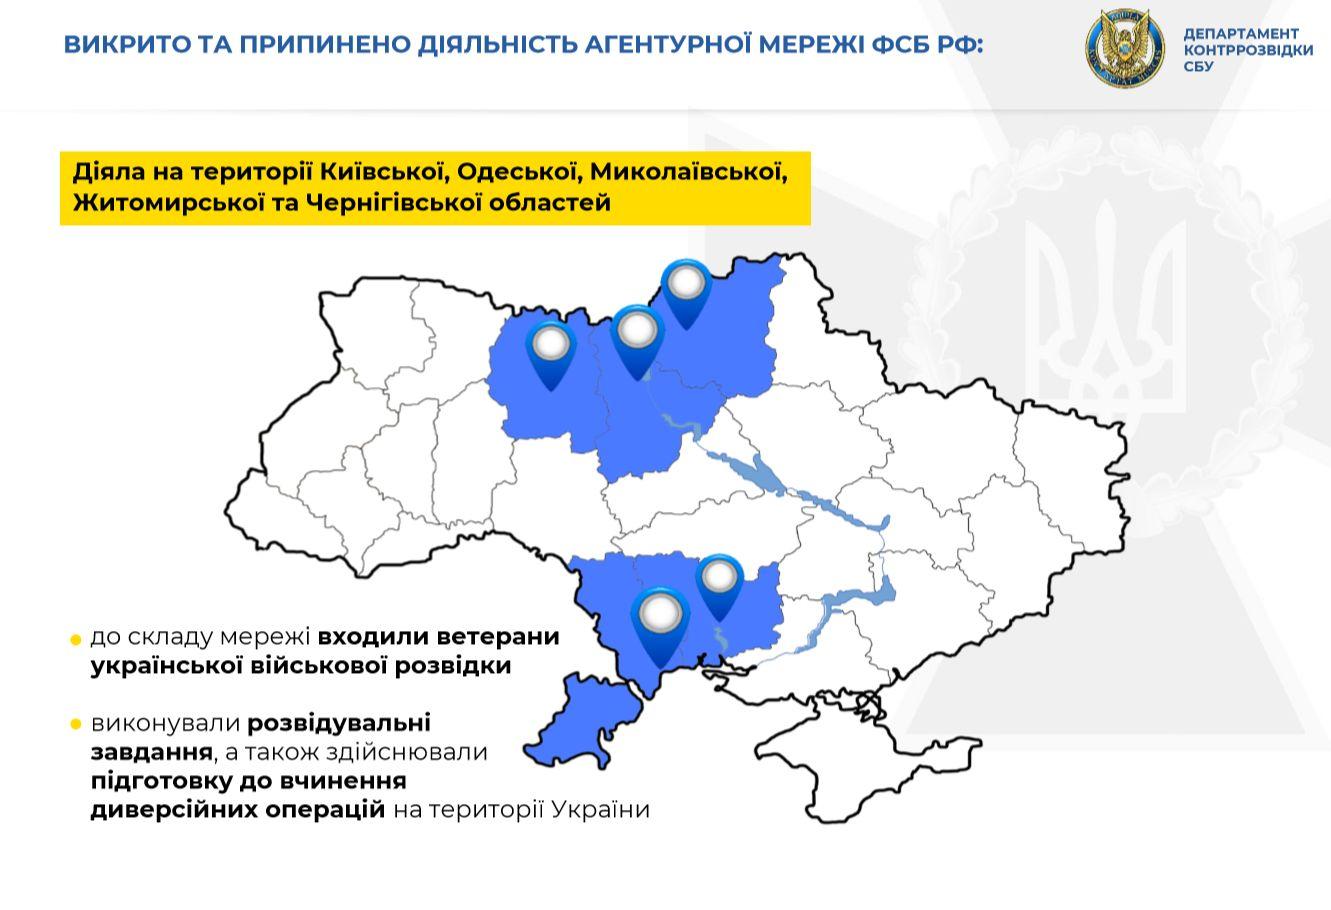 Kyiv, Odesa, Mykolaiv, Jitomir ve Çernihiv'de FSB ajanları